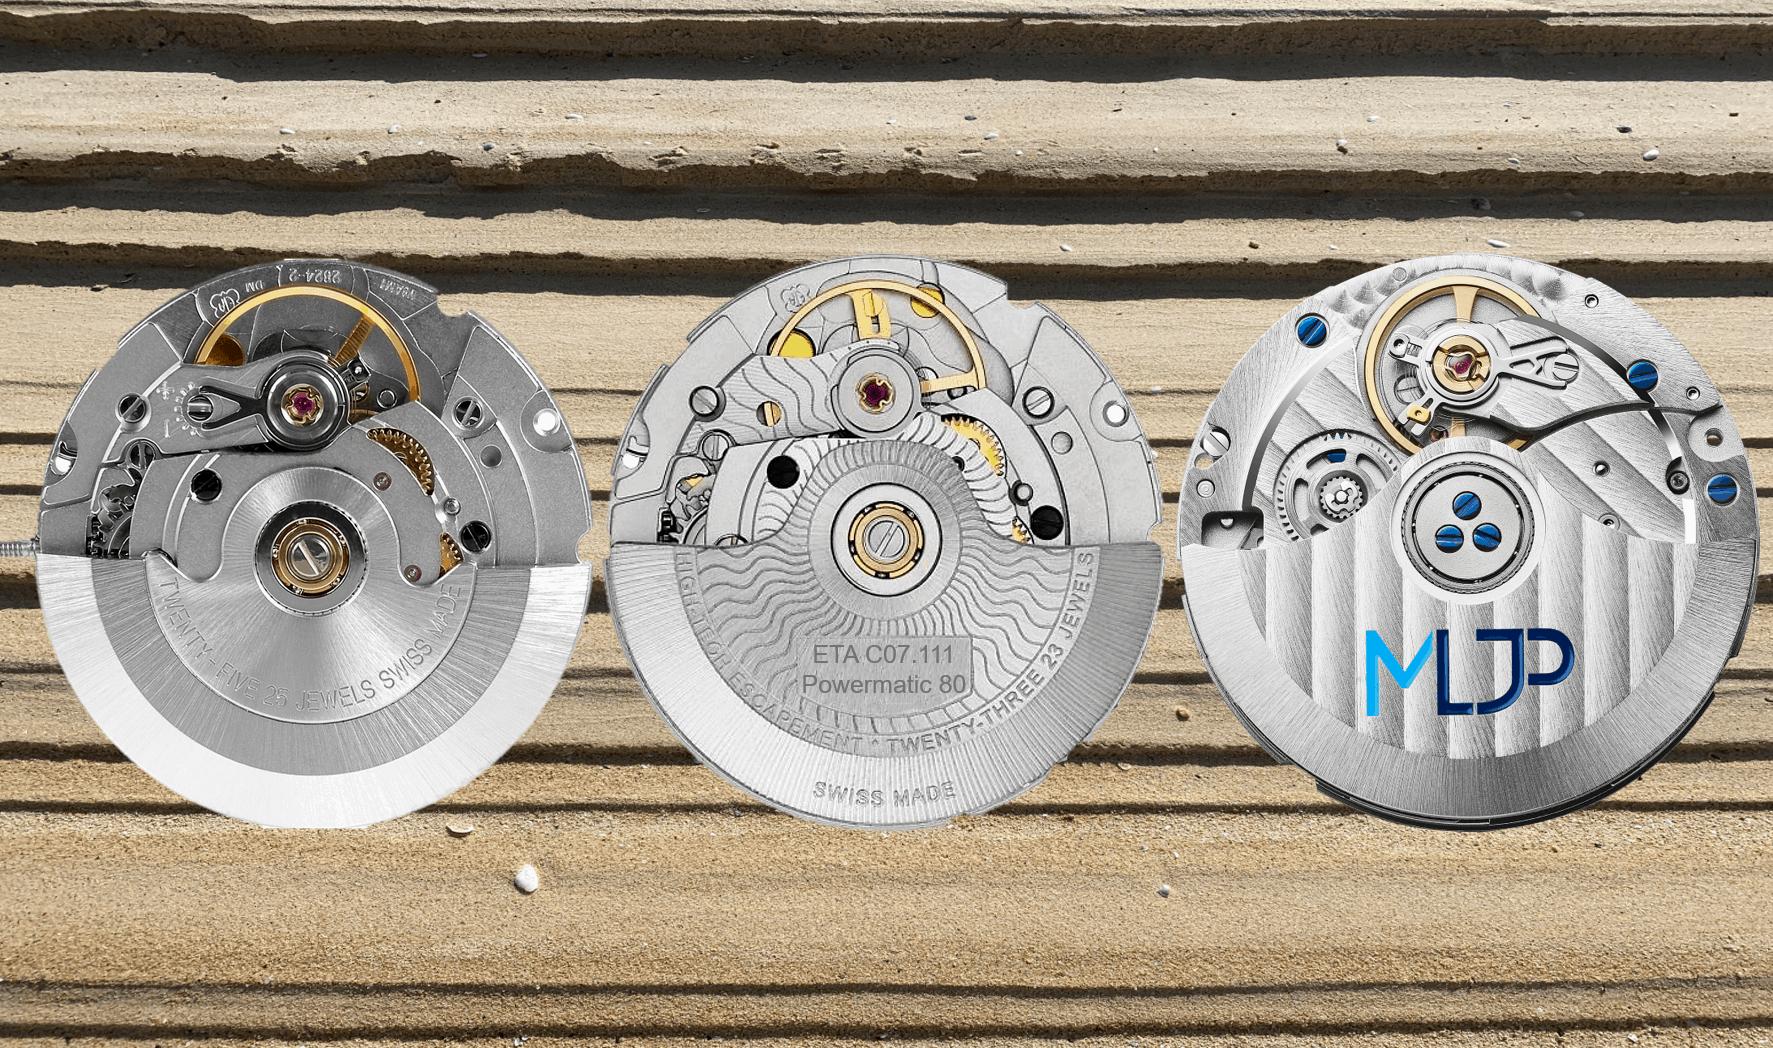 Bewegung im Markt der Uhrwerk-HerstellerEta 2824 Automatikkaliber und seine modernen Wettbewerber